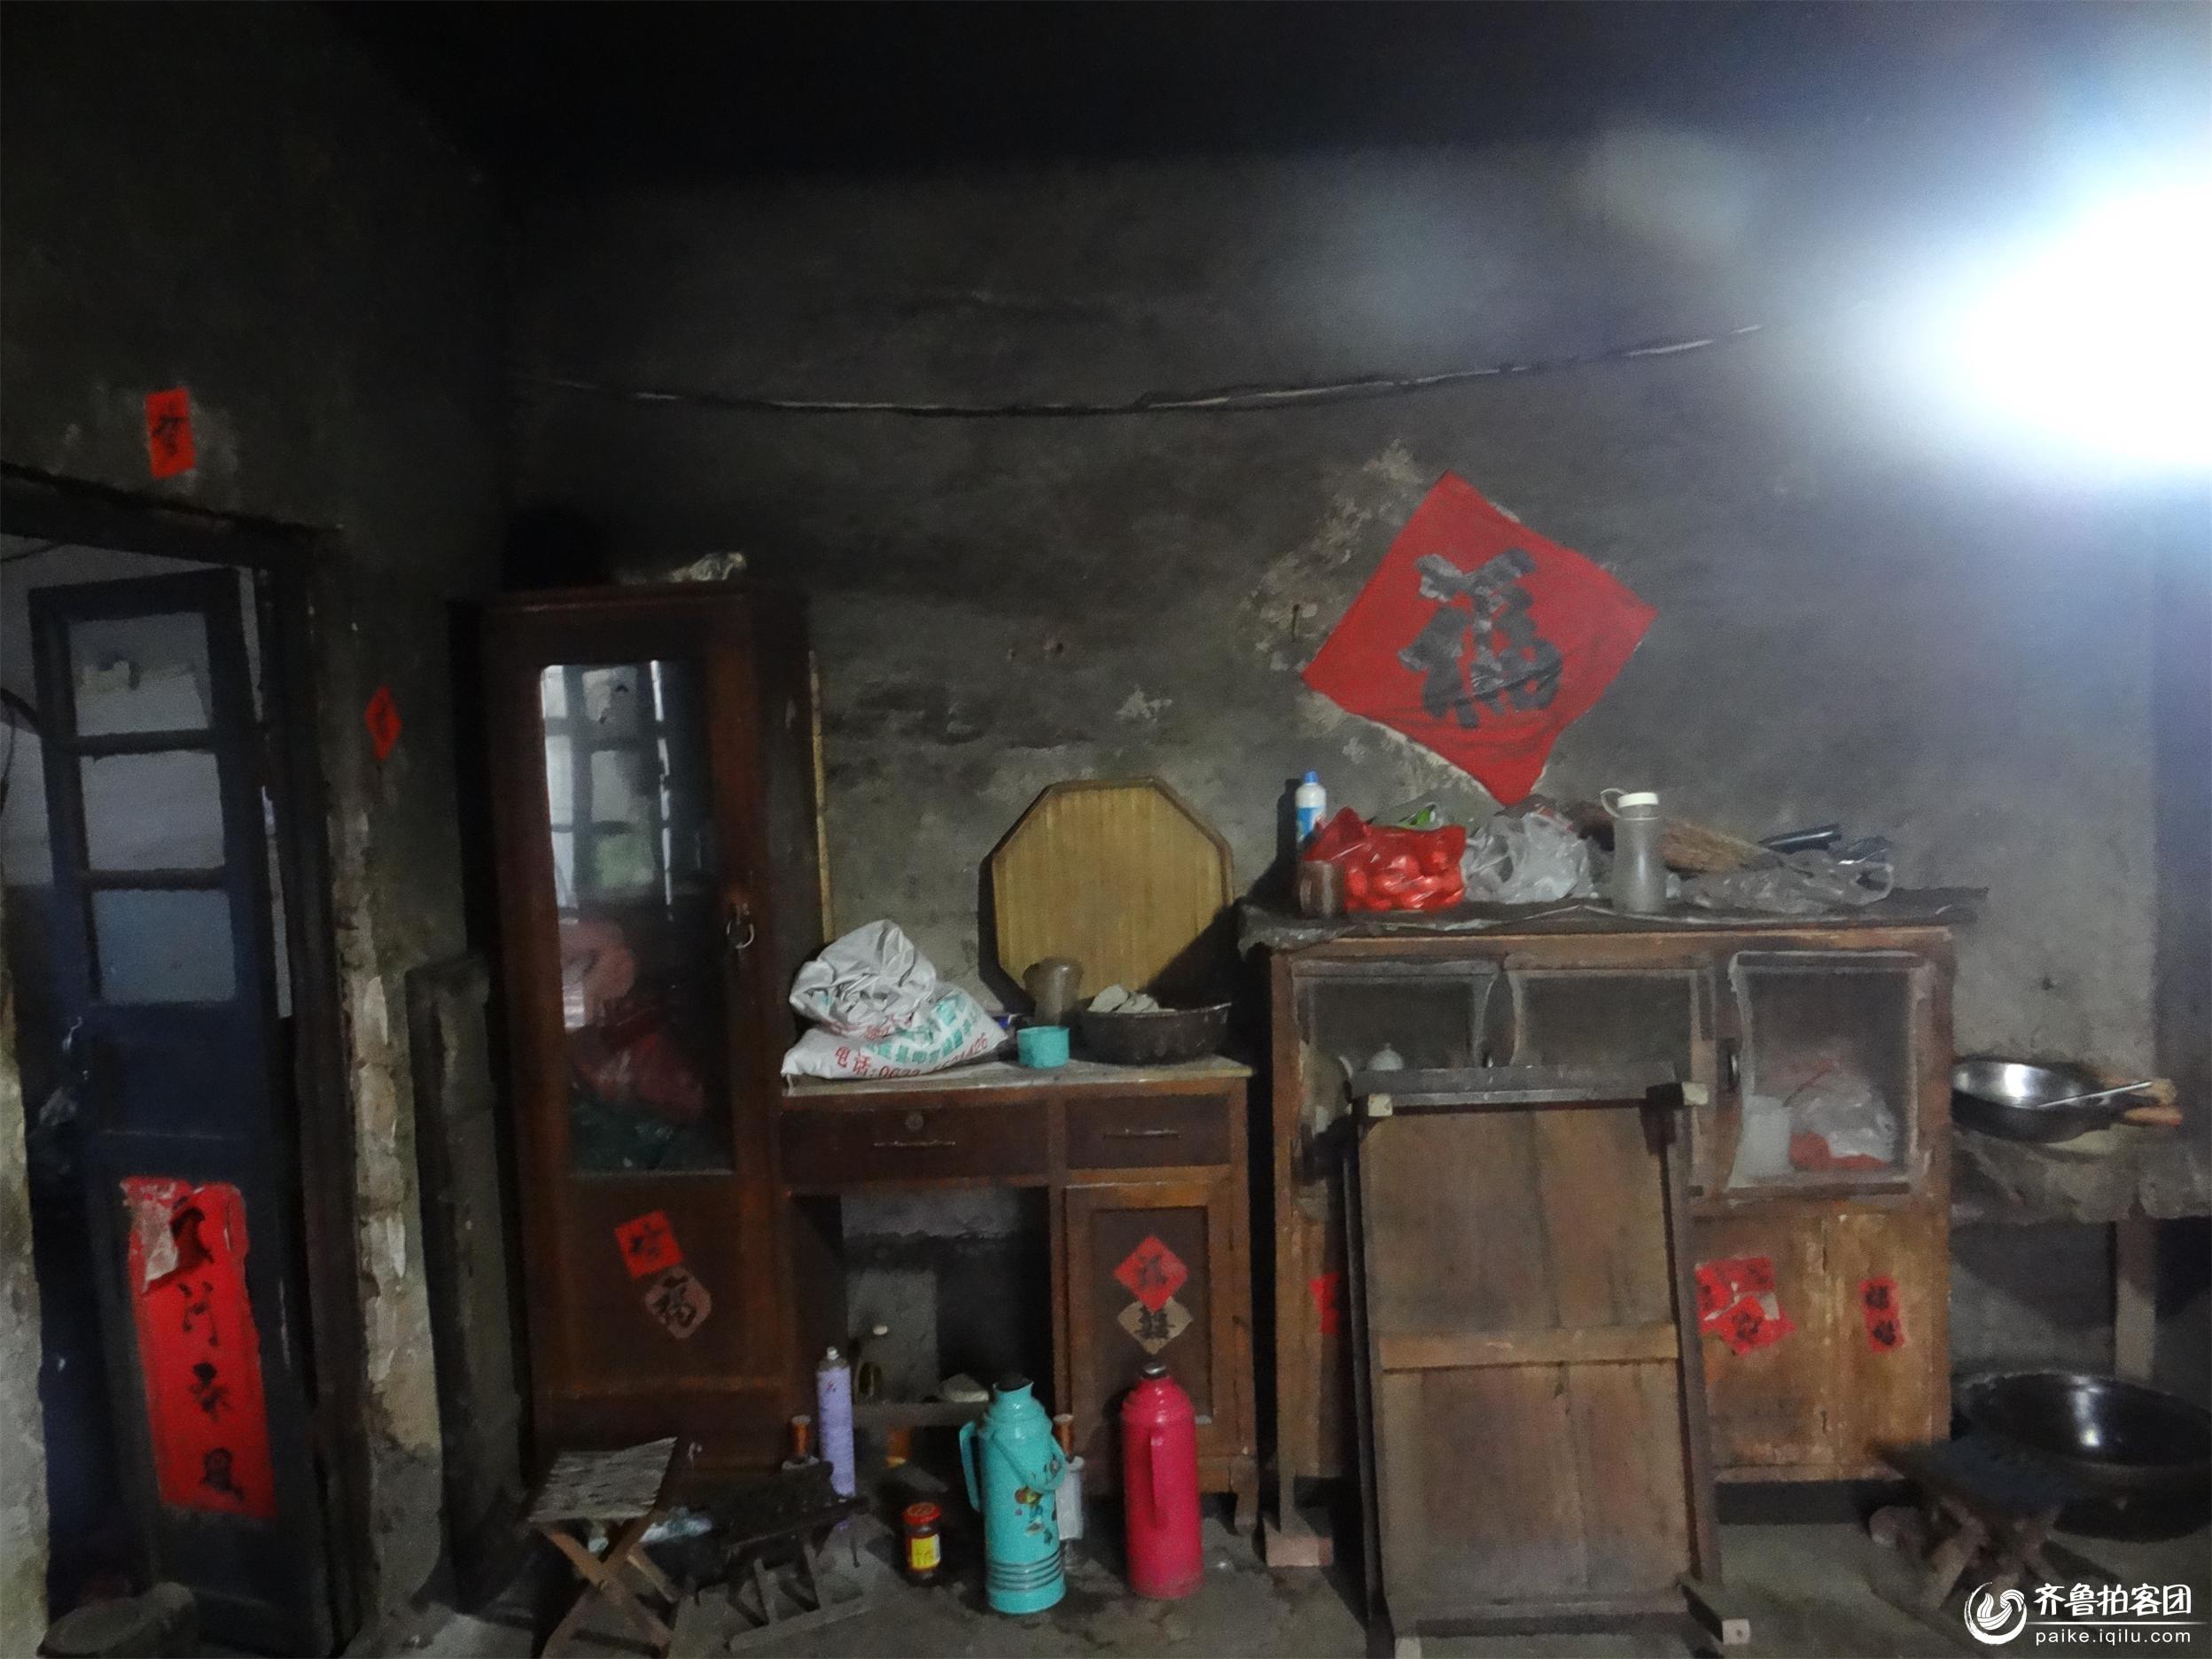 貧困學生家庭照片 - 日照拍客